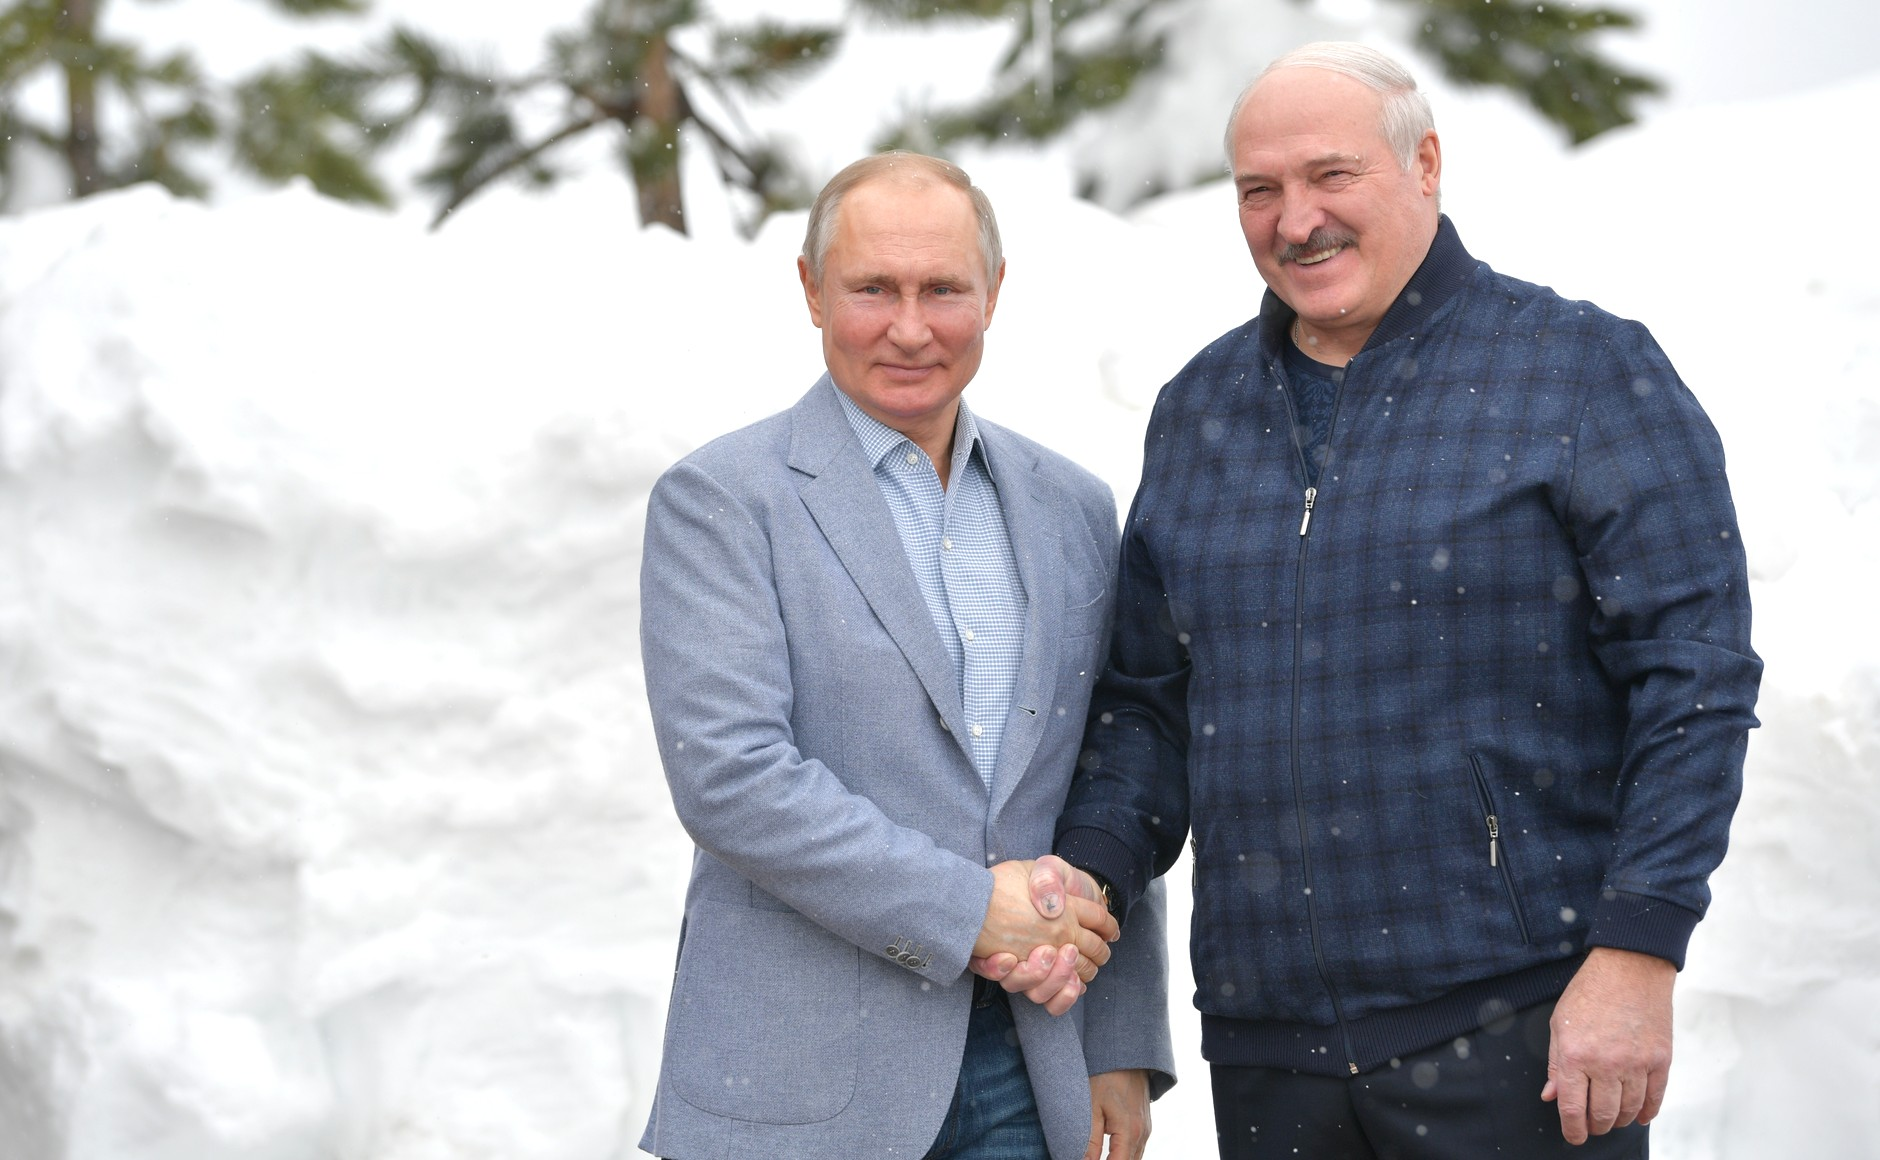 RUSSIE BIELORUSSIE 2 XX 9 Rencontre avec le président de la Biélorussie Alexander Lukashenko 22.02.2021...